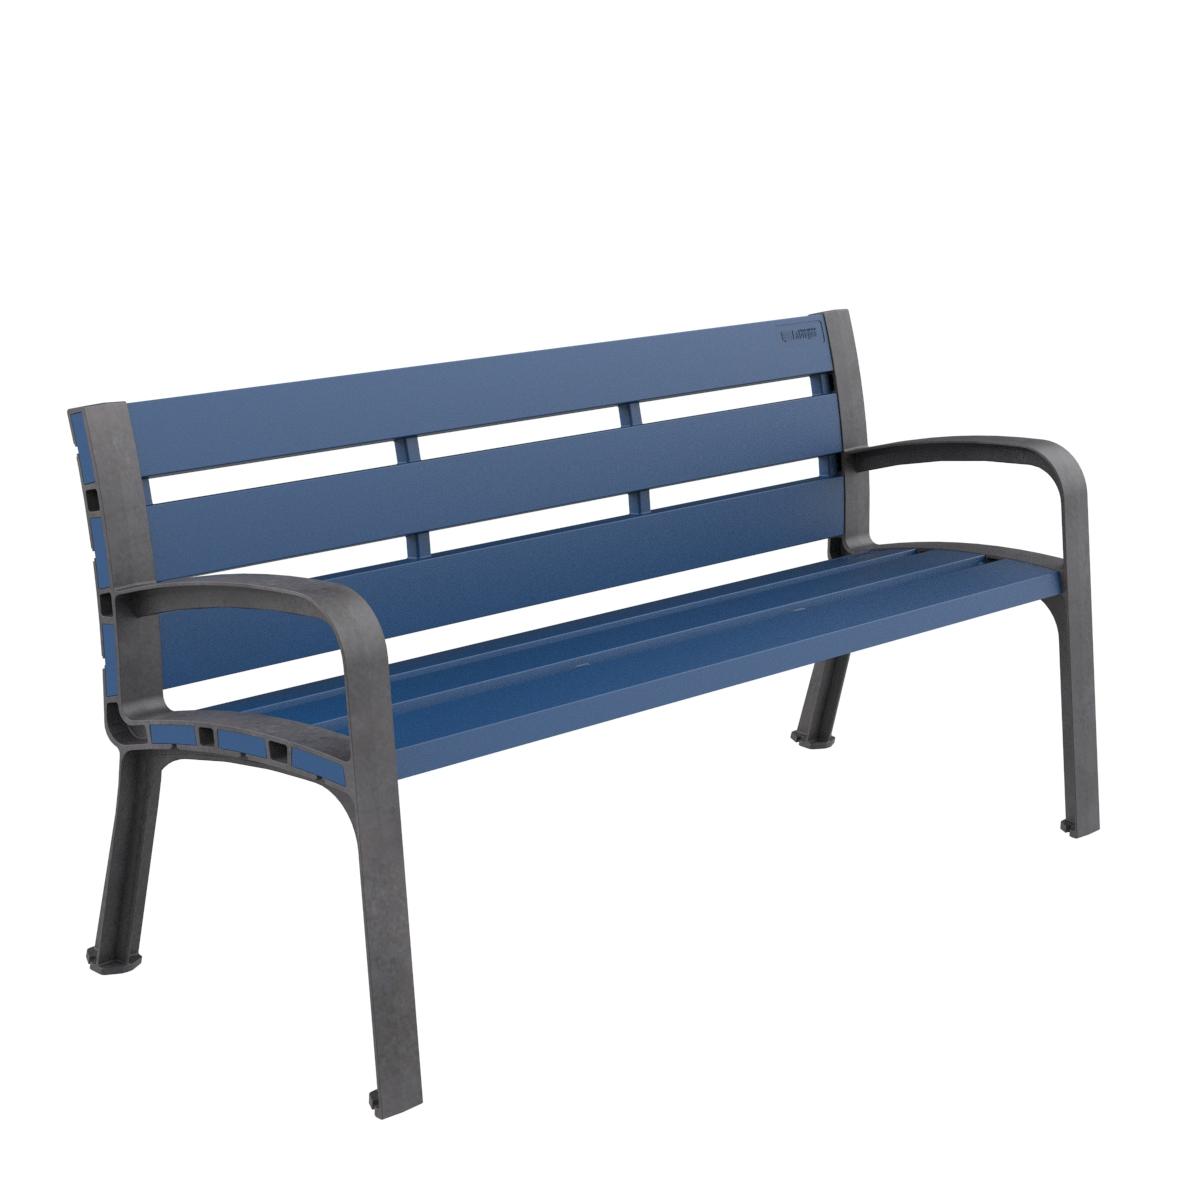 Banco Plastico Modo Polipropileno Mobiliario urbano para sentarse parques y jardines